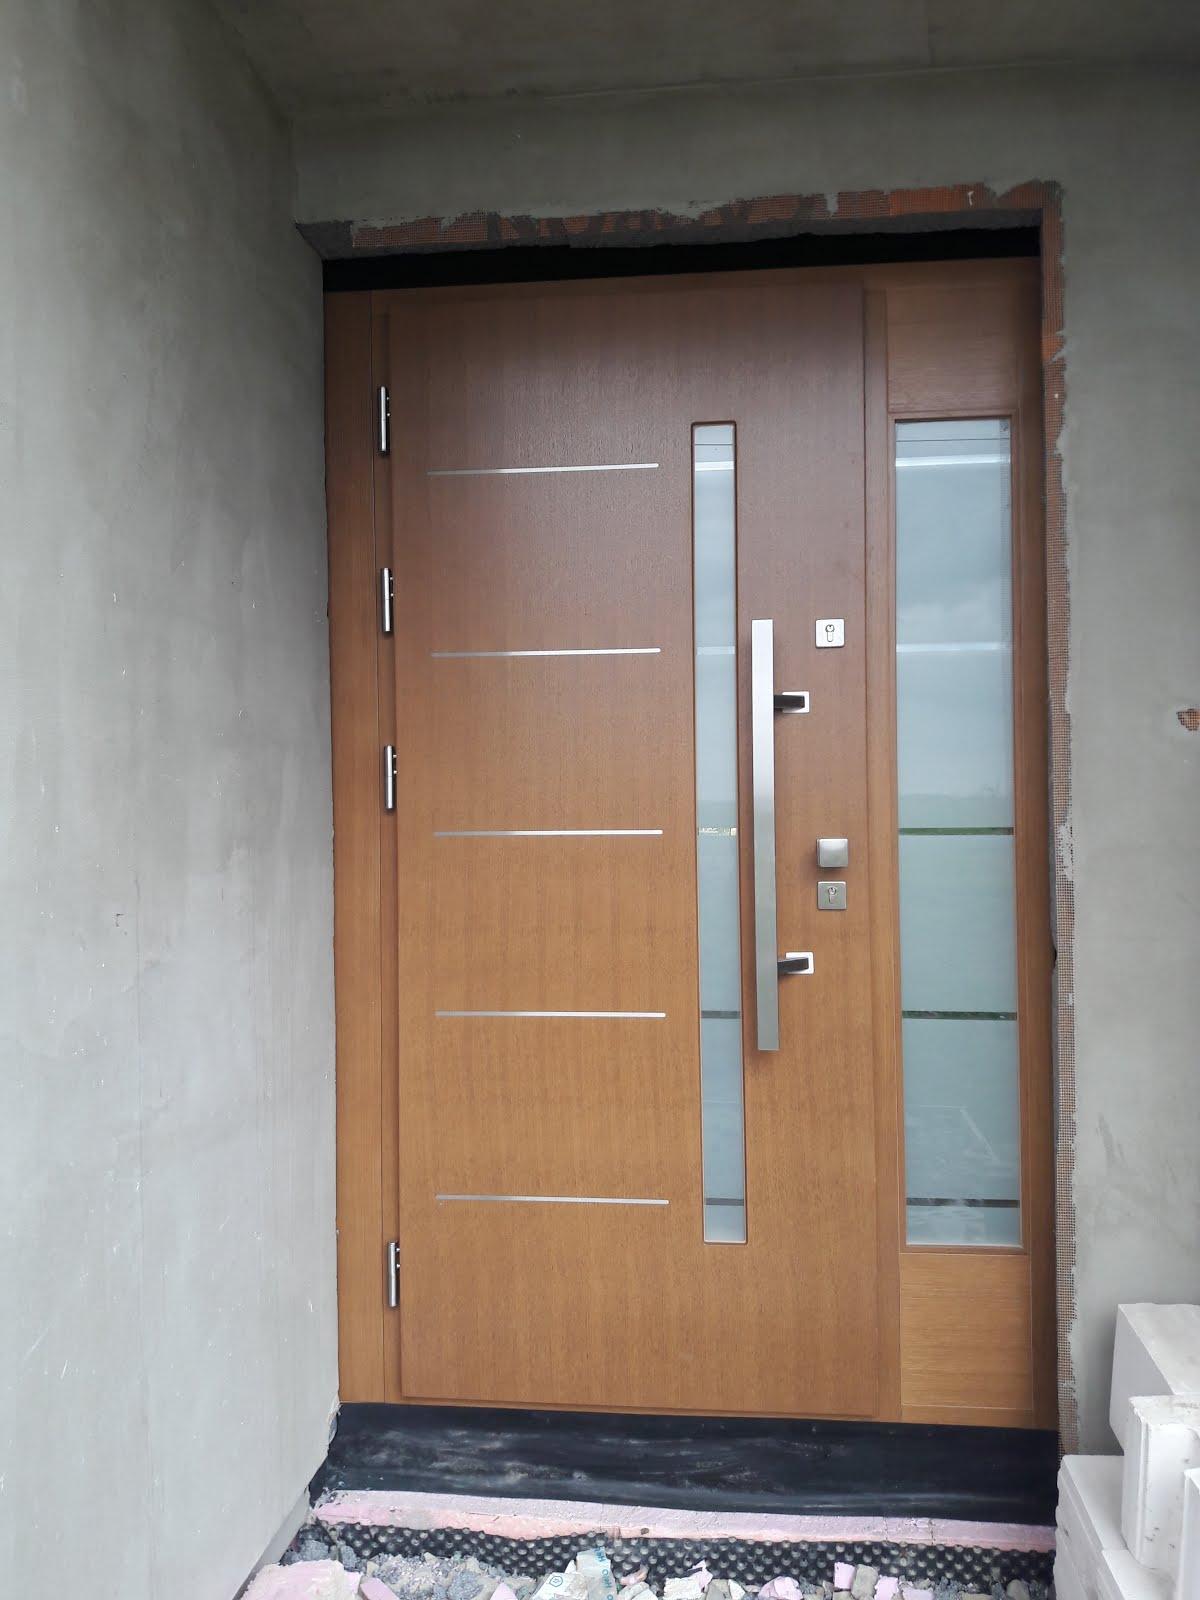 Wymiana drzwi - Maskowanie futryn, drzwi na wymiar Pruszcz Gdański tel 504 844 585